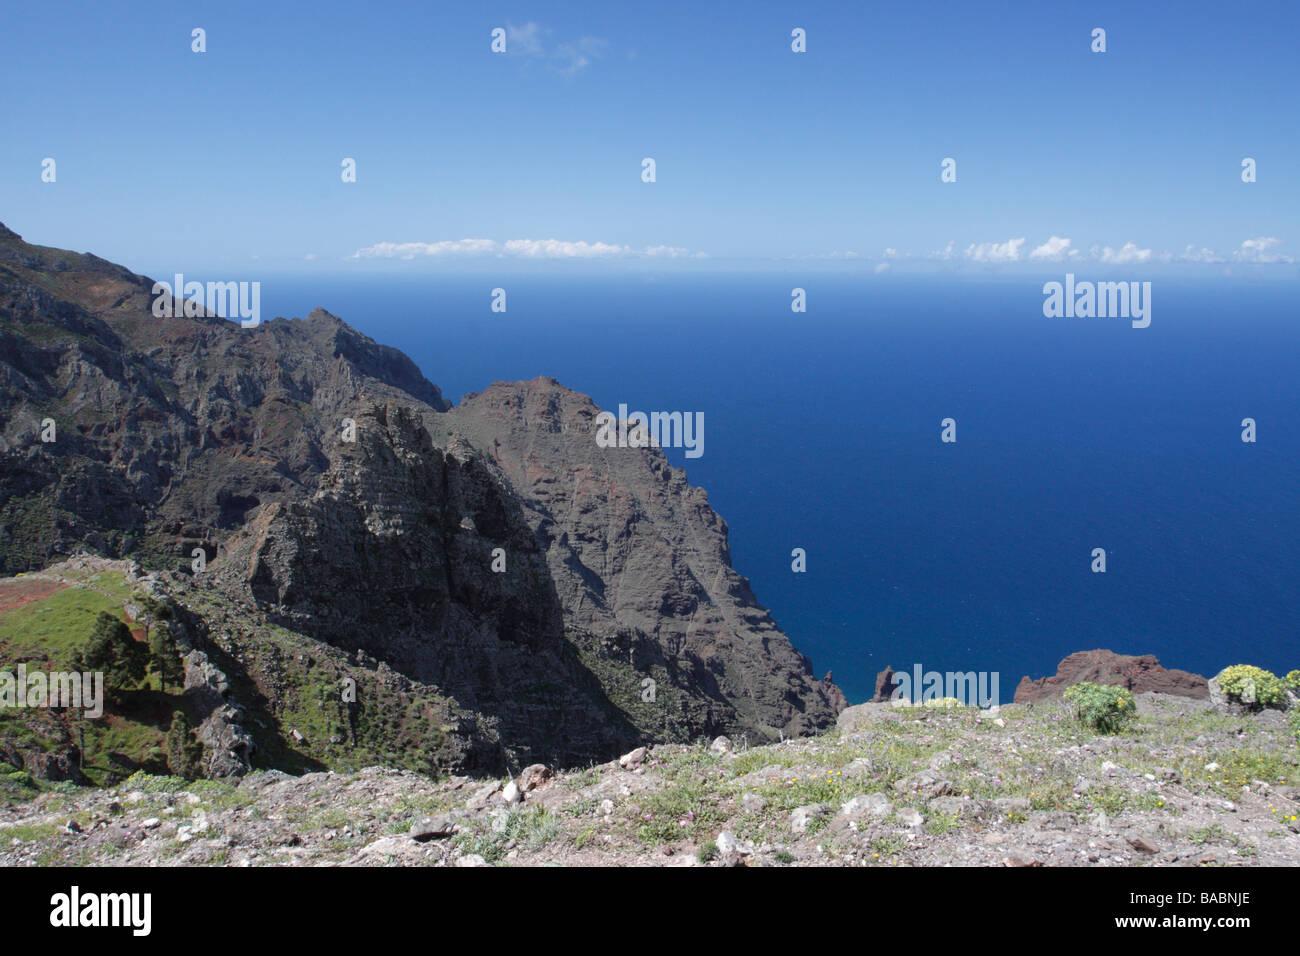 A view over the ocean from La Merica, La Gomera, Spain - Stock Image